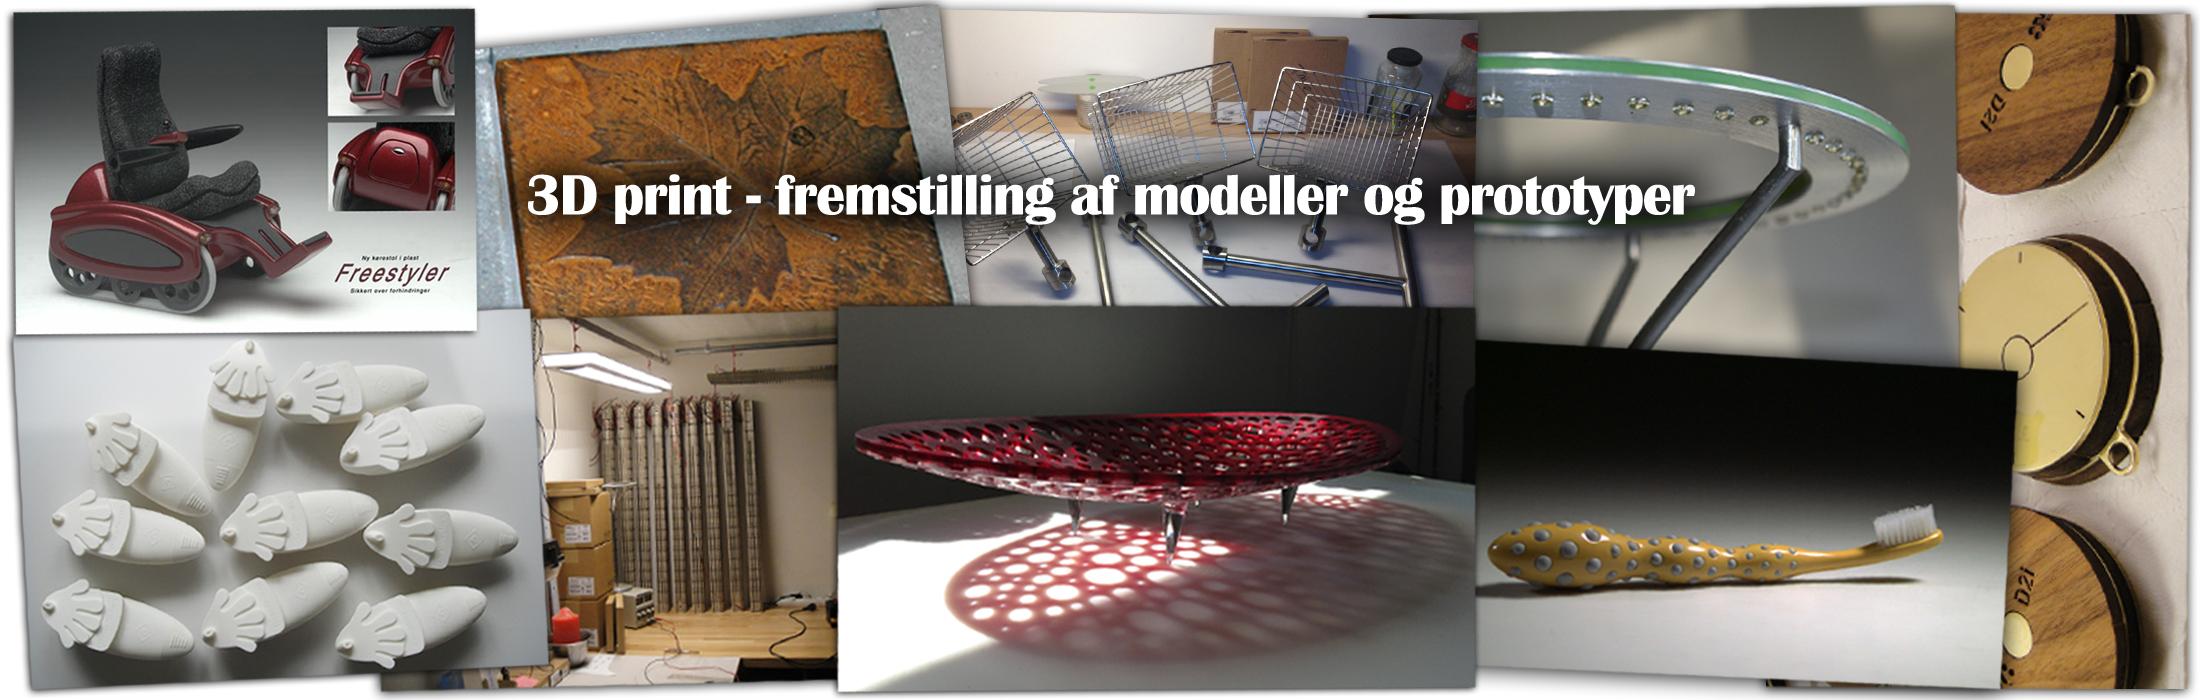 3d-print++fremstilling-af-modeller-og-prototyper-designafdelingen Industrielt Design